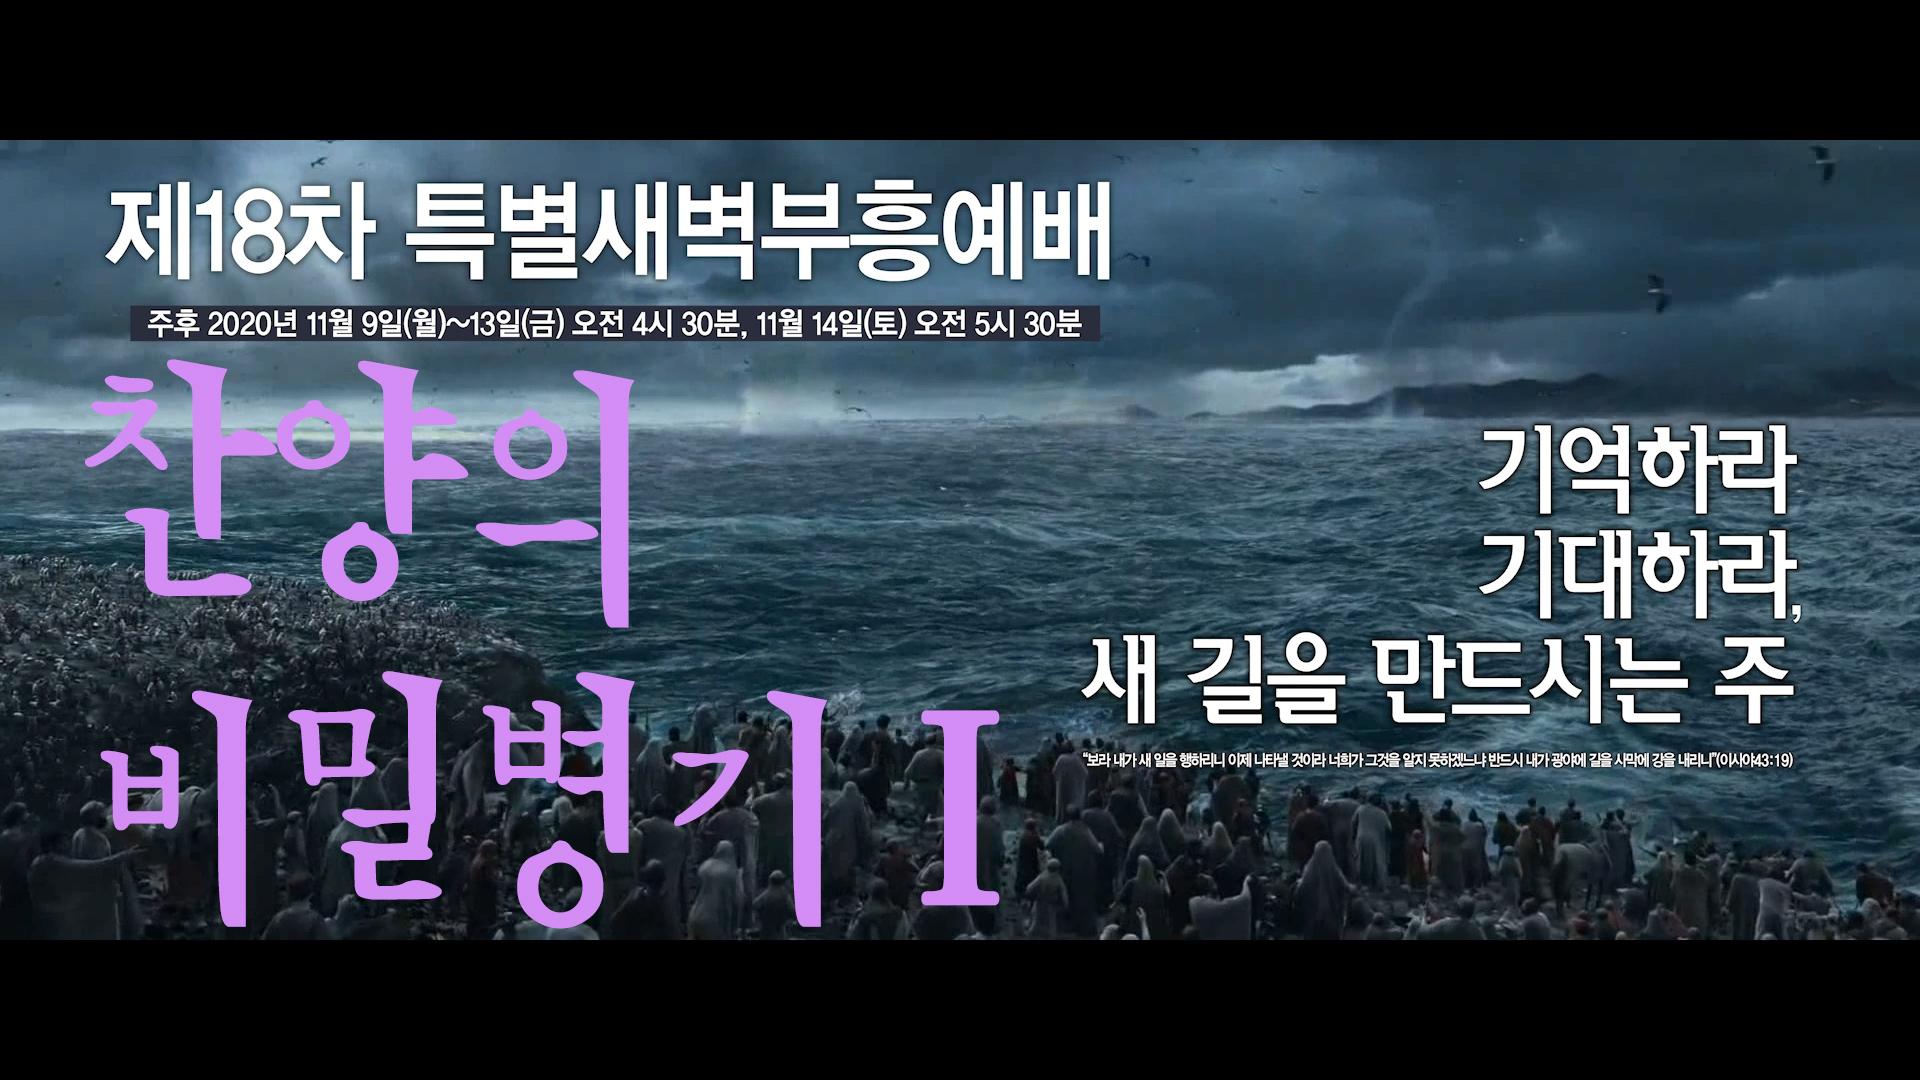 제18차 특별새벽부흥예배 첫날 : 후집회 찬양 FULL ver.